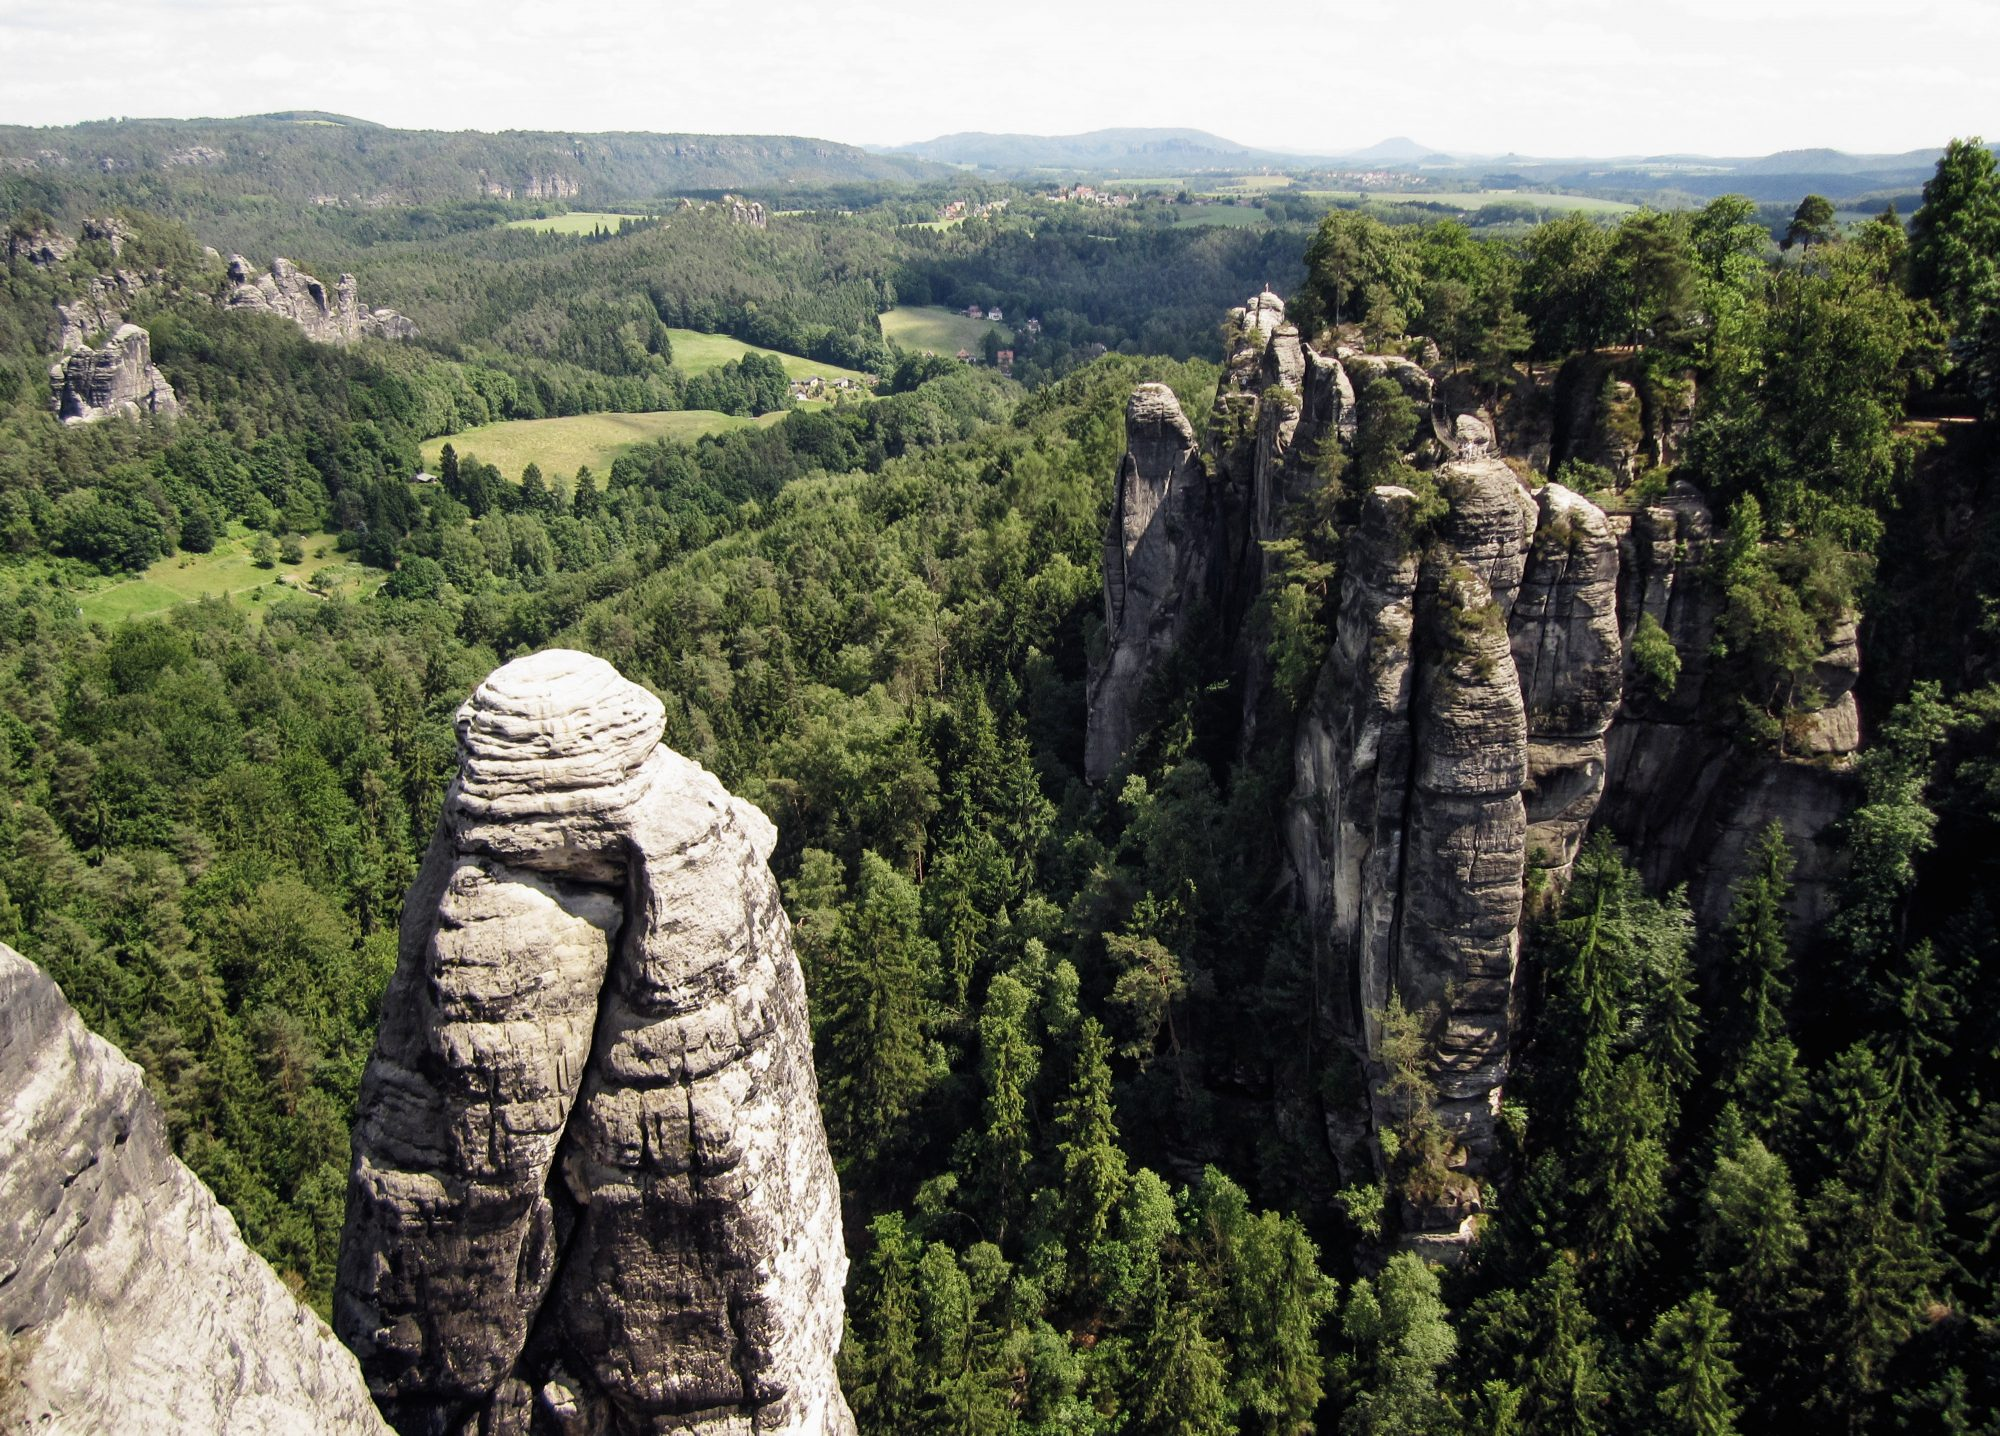 Malerweg Sächsische Schweiz Wanderung Erzgebirge